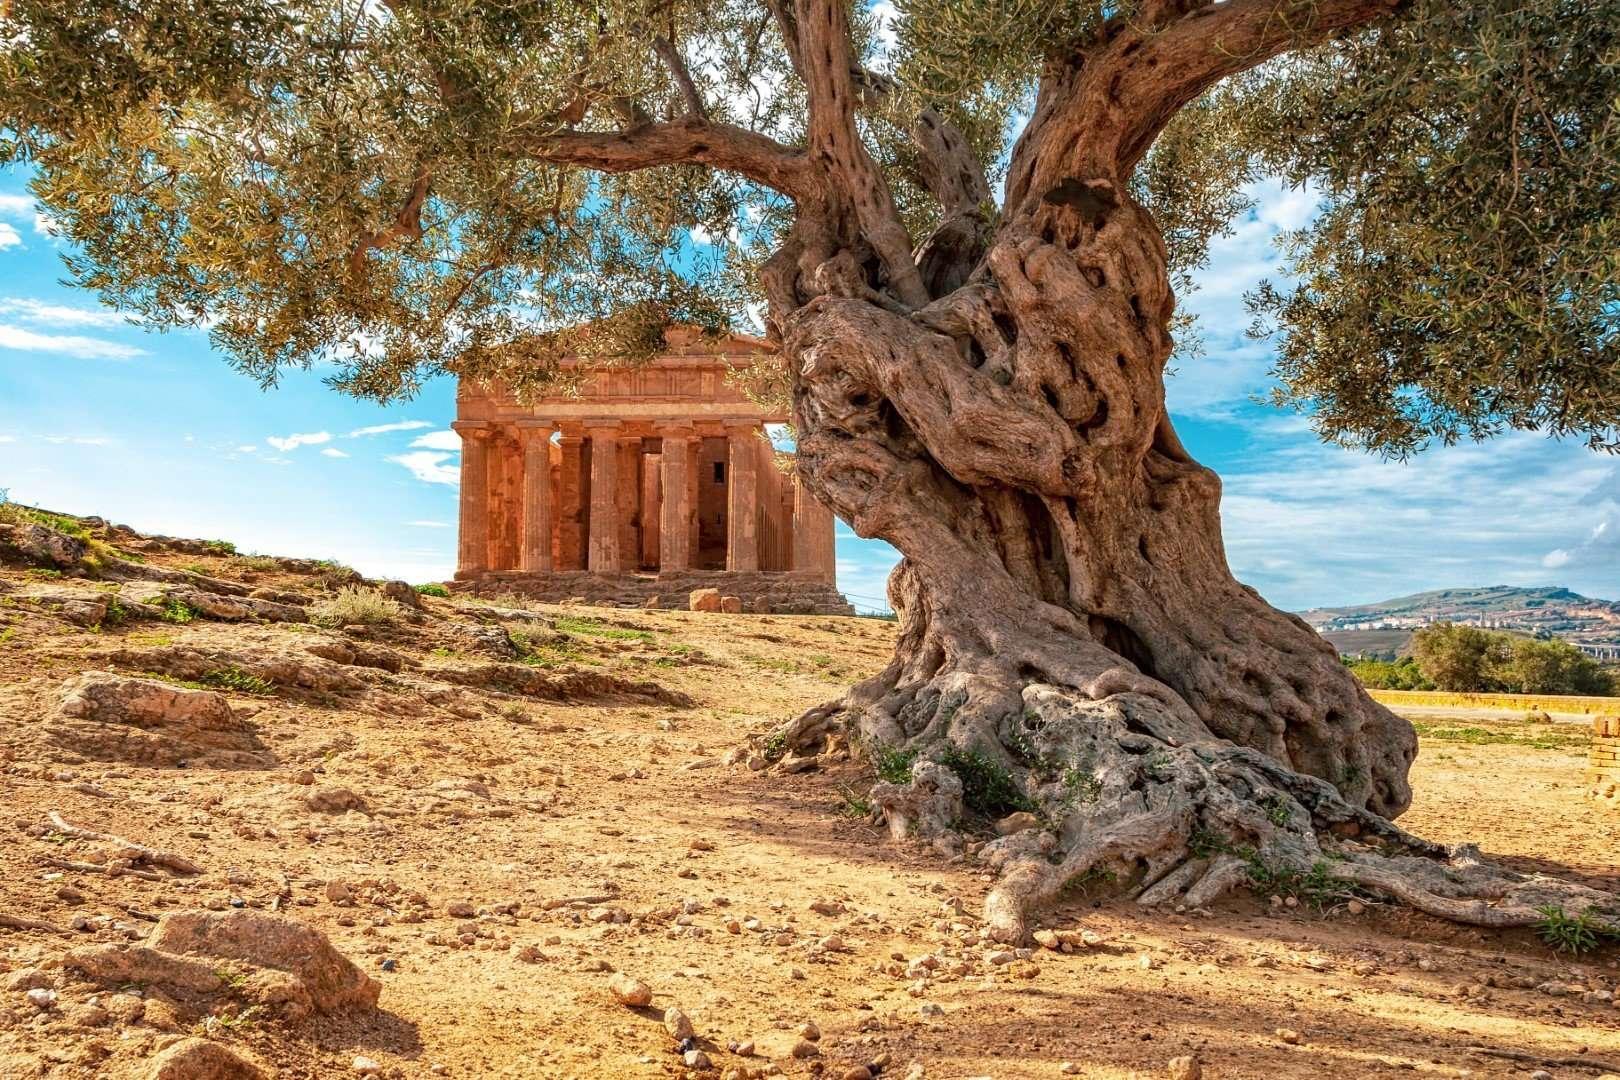 Fly Drive Ontdek Sicilie - Agrigento en olijfboom